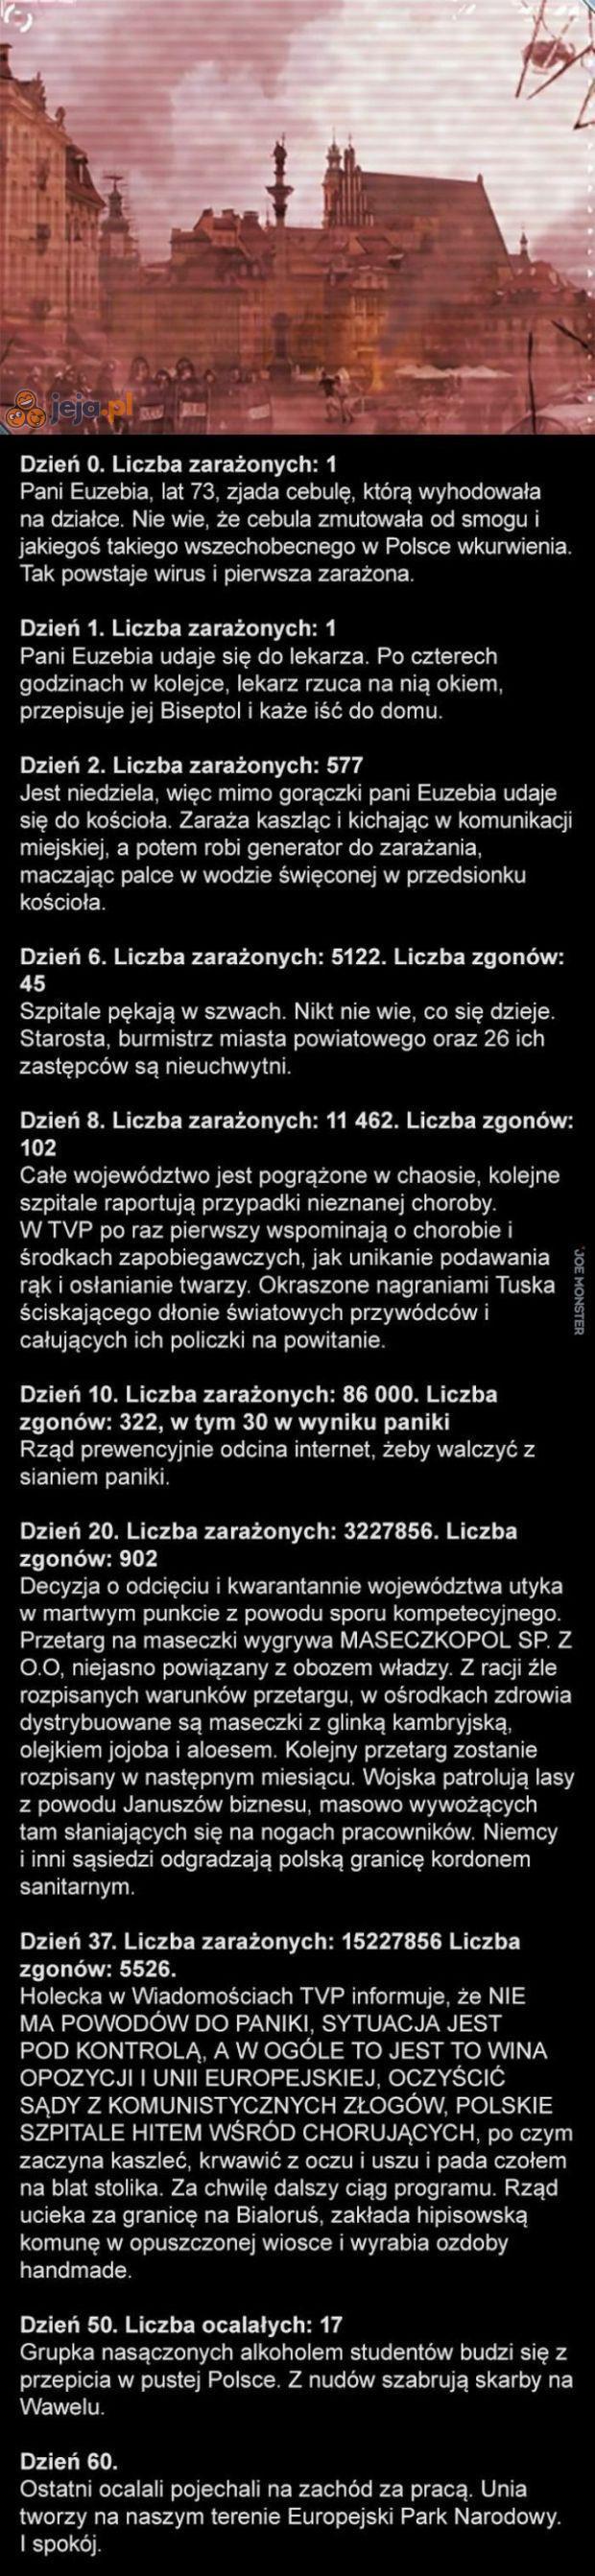 Epidemia w Polsce